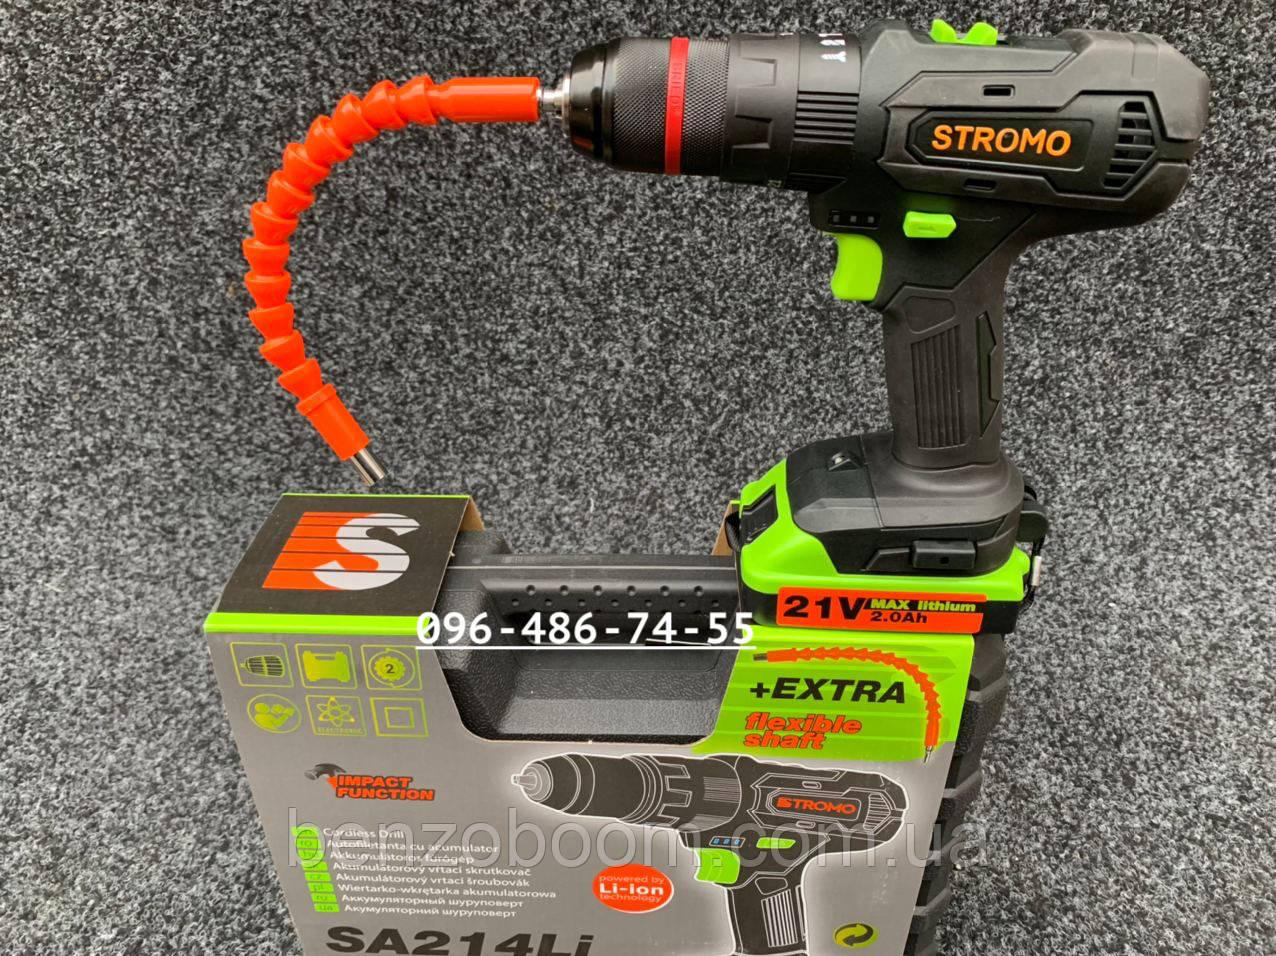 Аккумуляторный ударный шуруповерт Stromo SA214Li 21 вольт